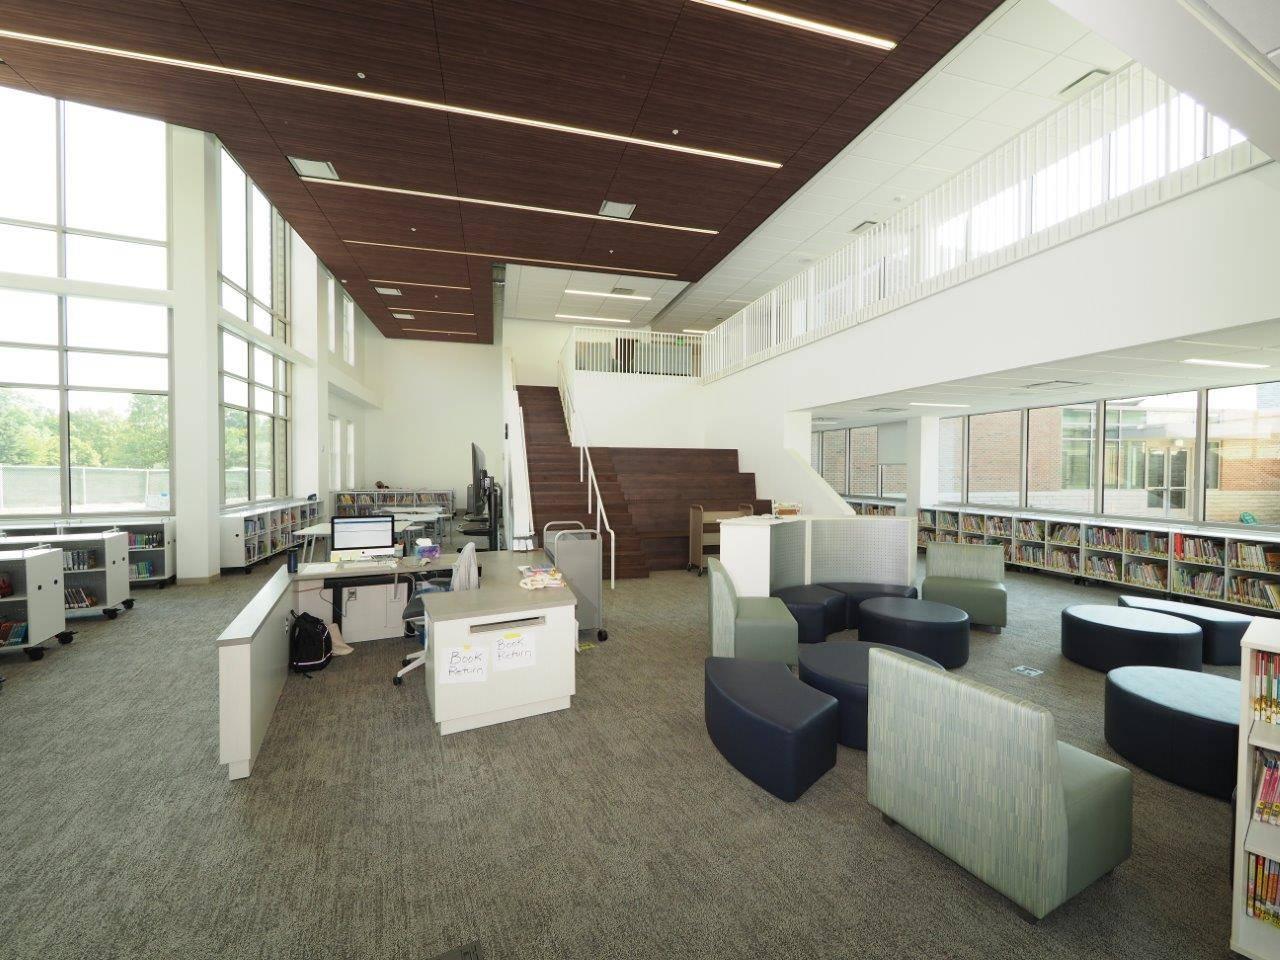 The new media center